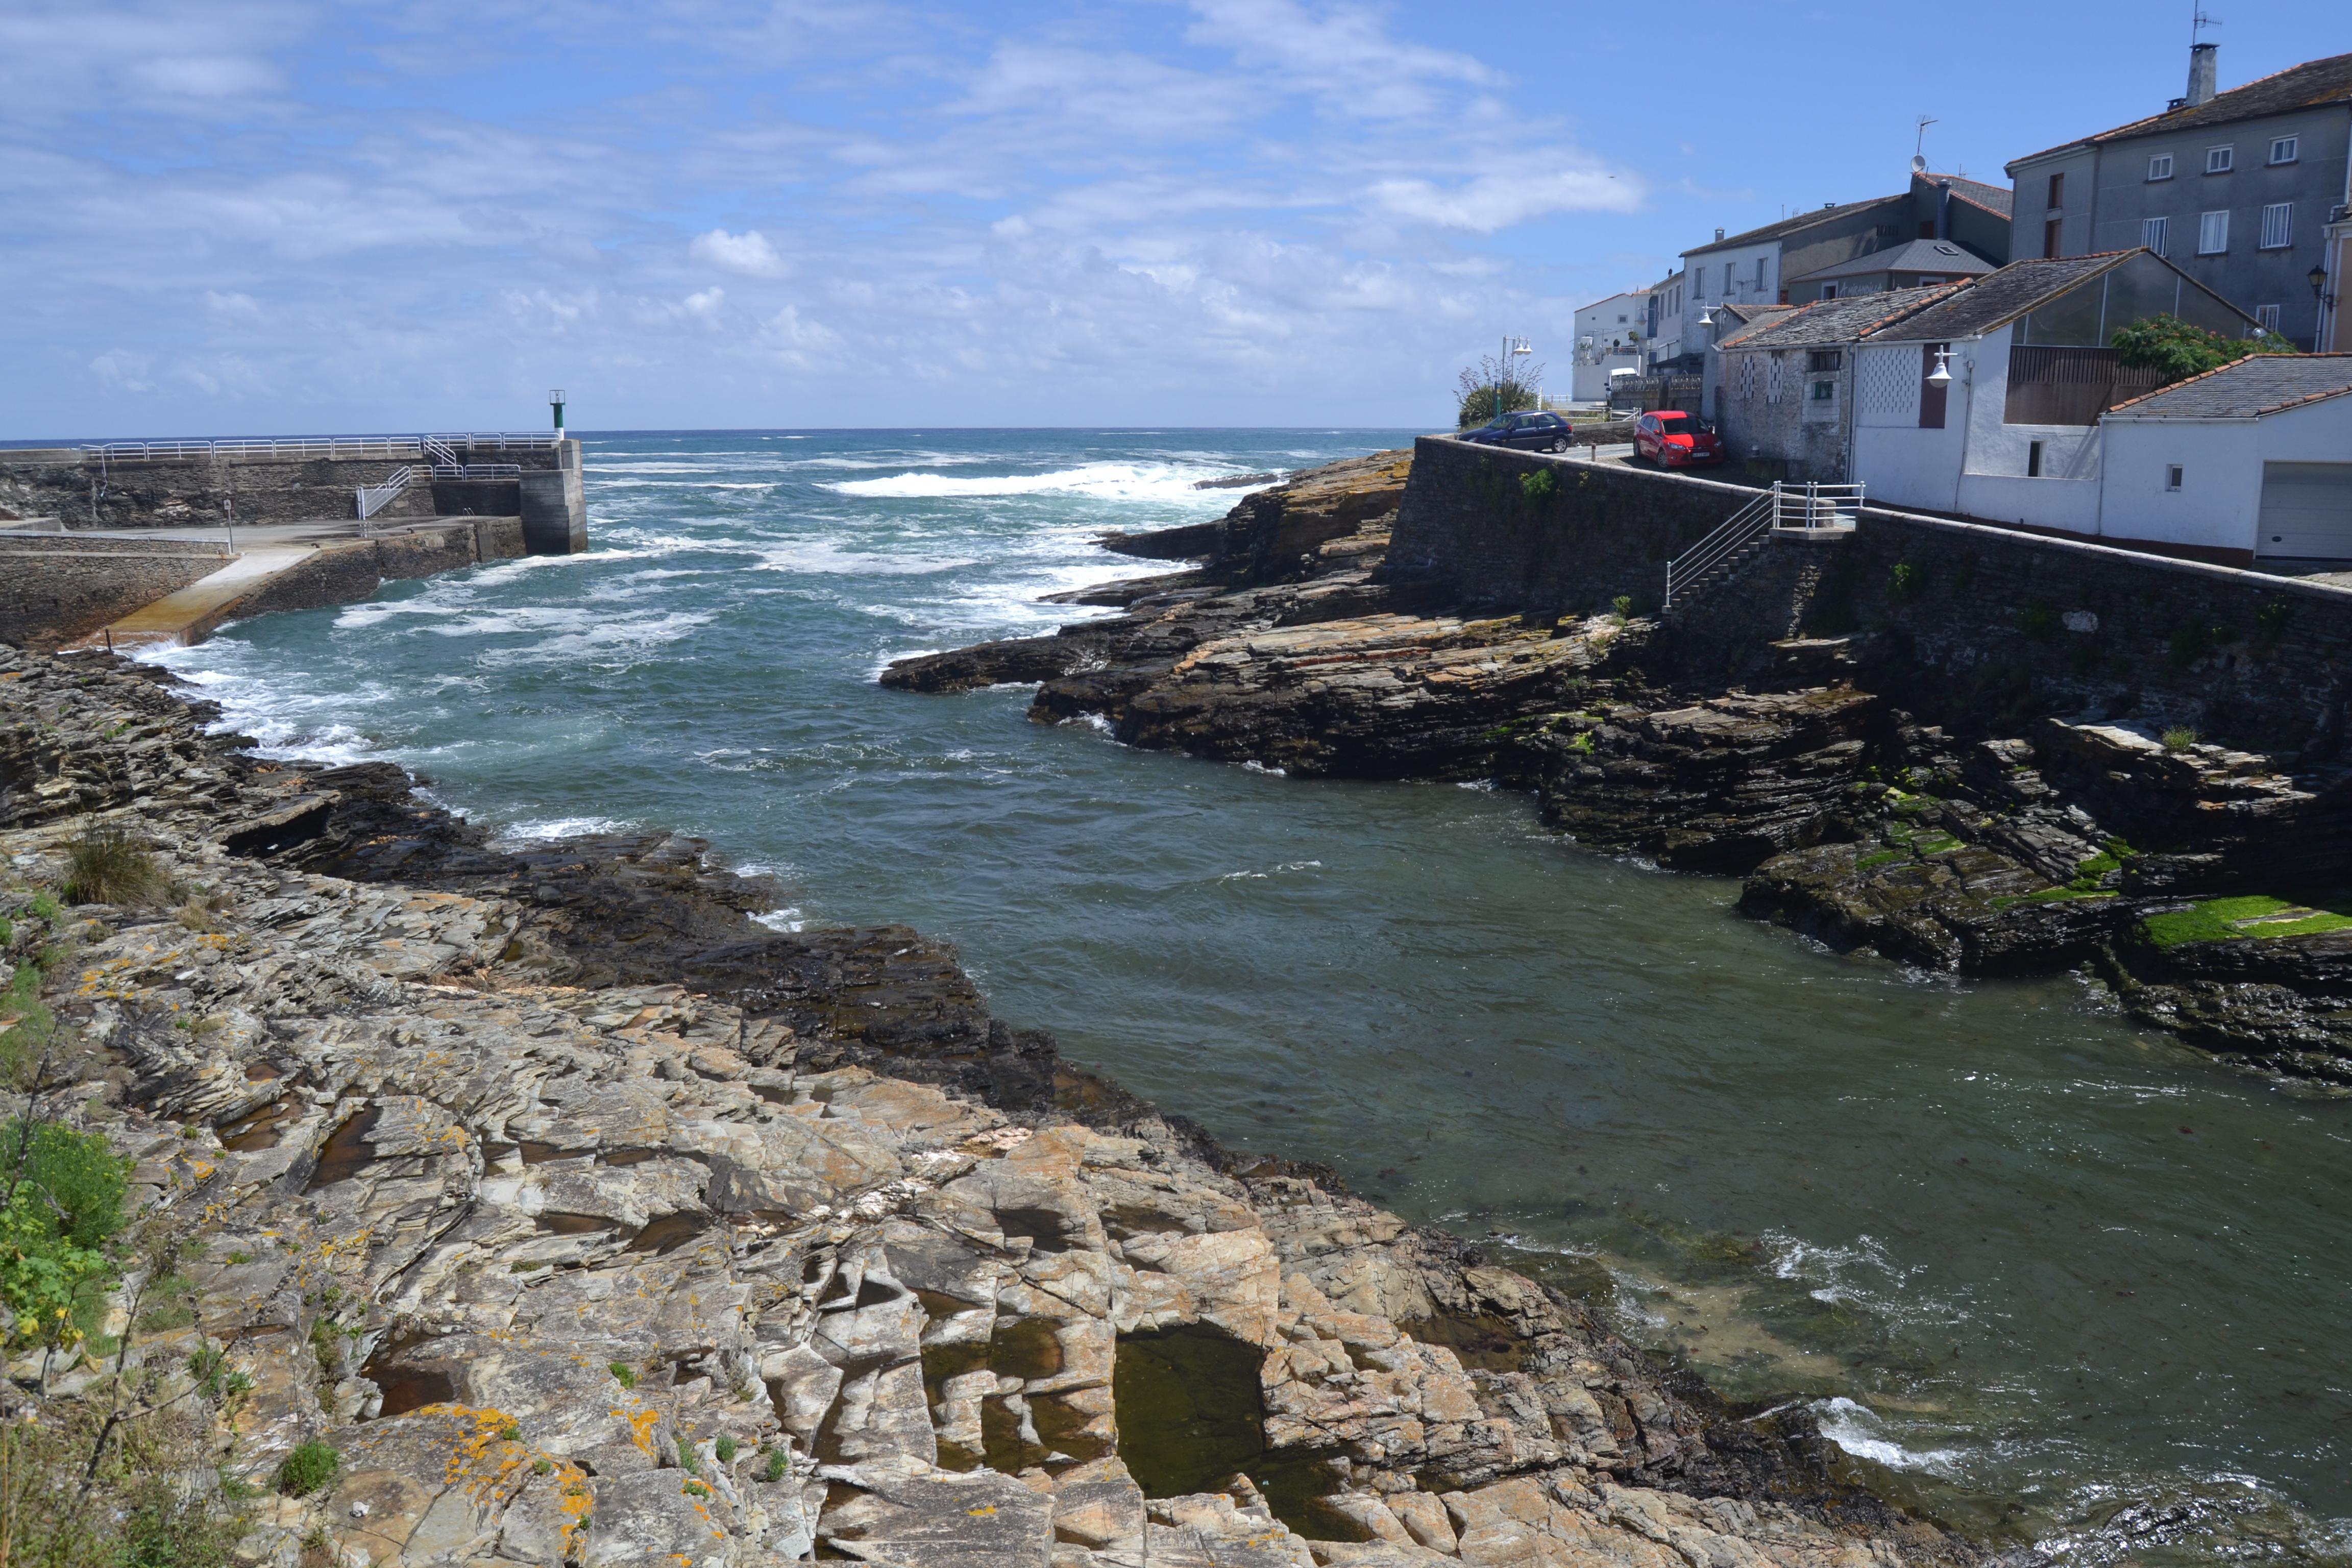 Puerto de Rinlo